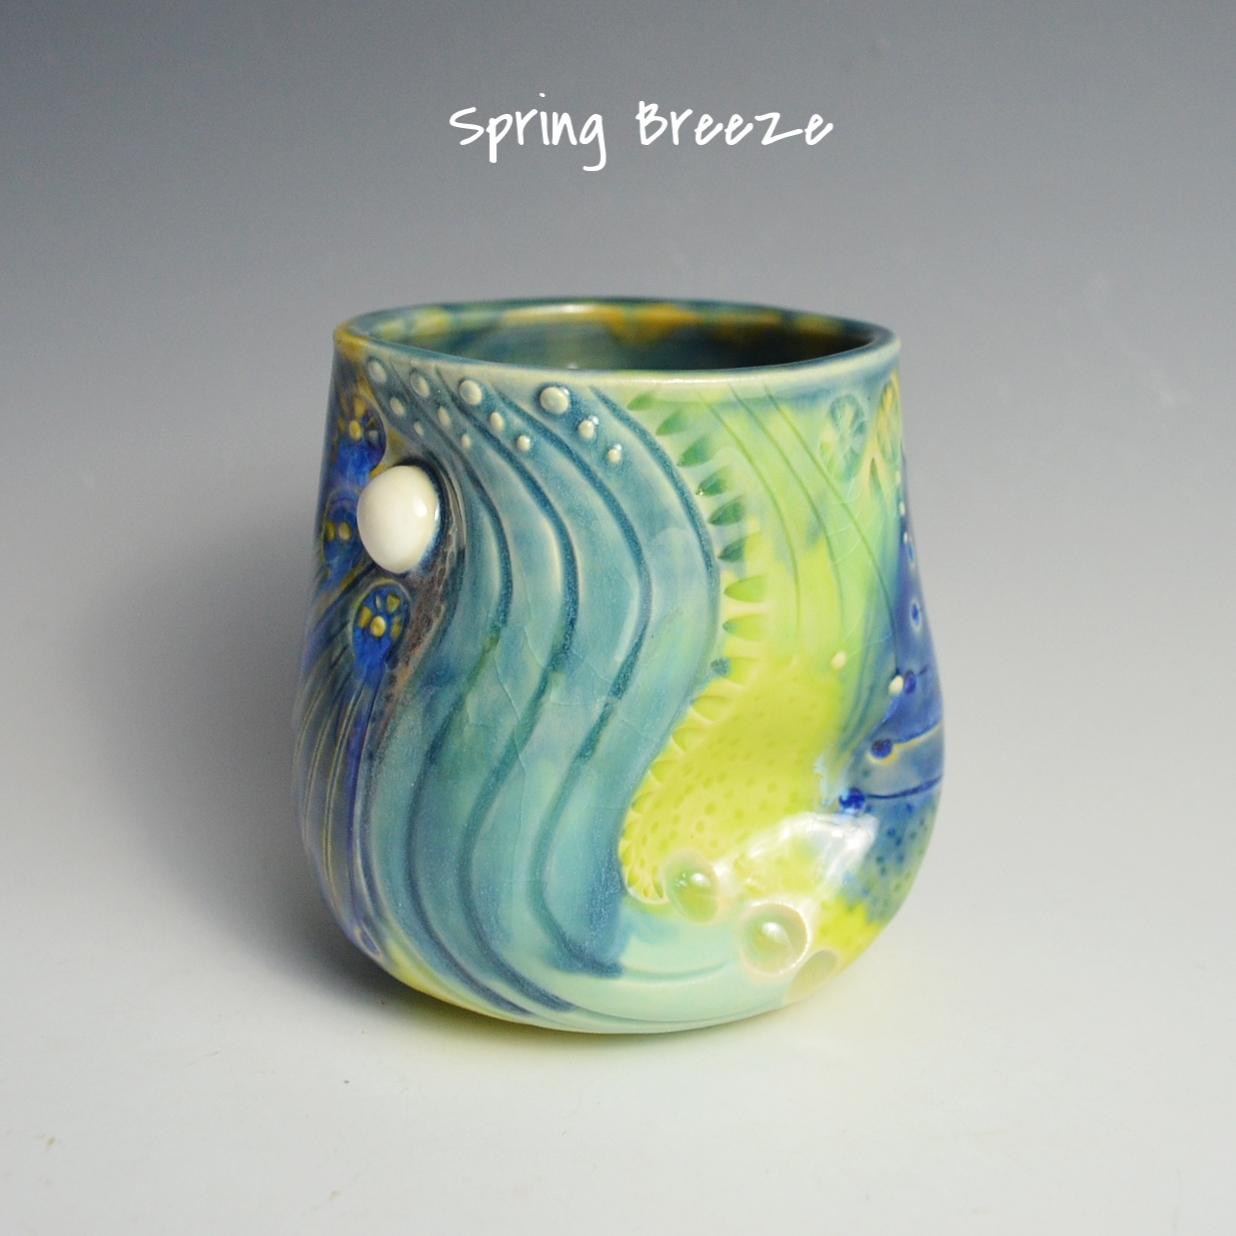 2667 - Spring Breeze.JPG